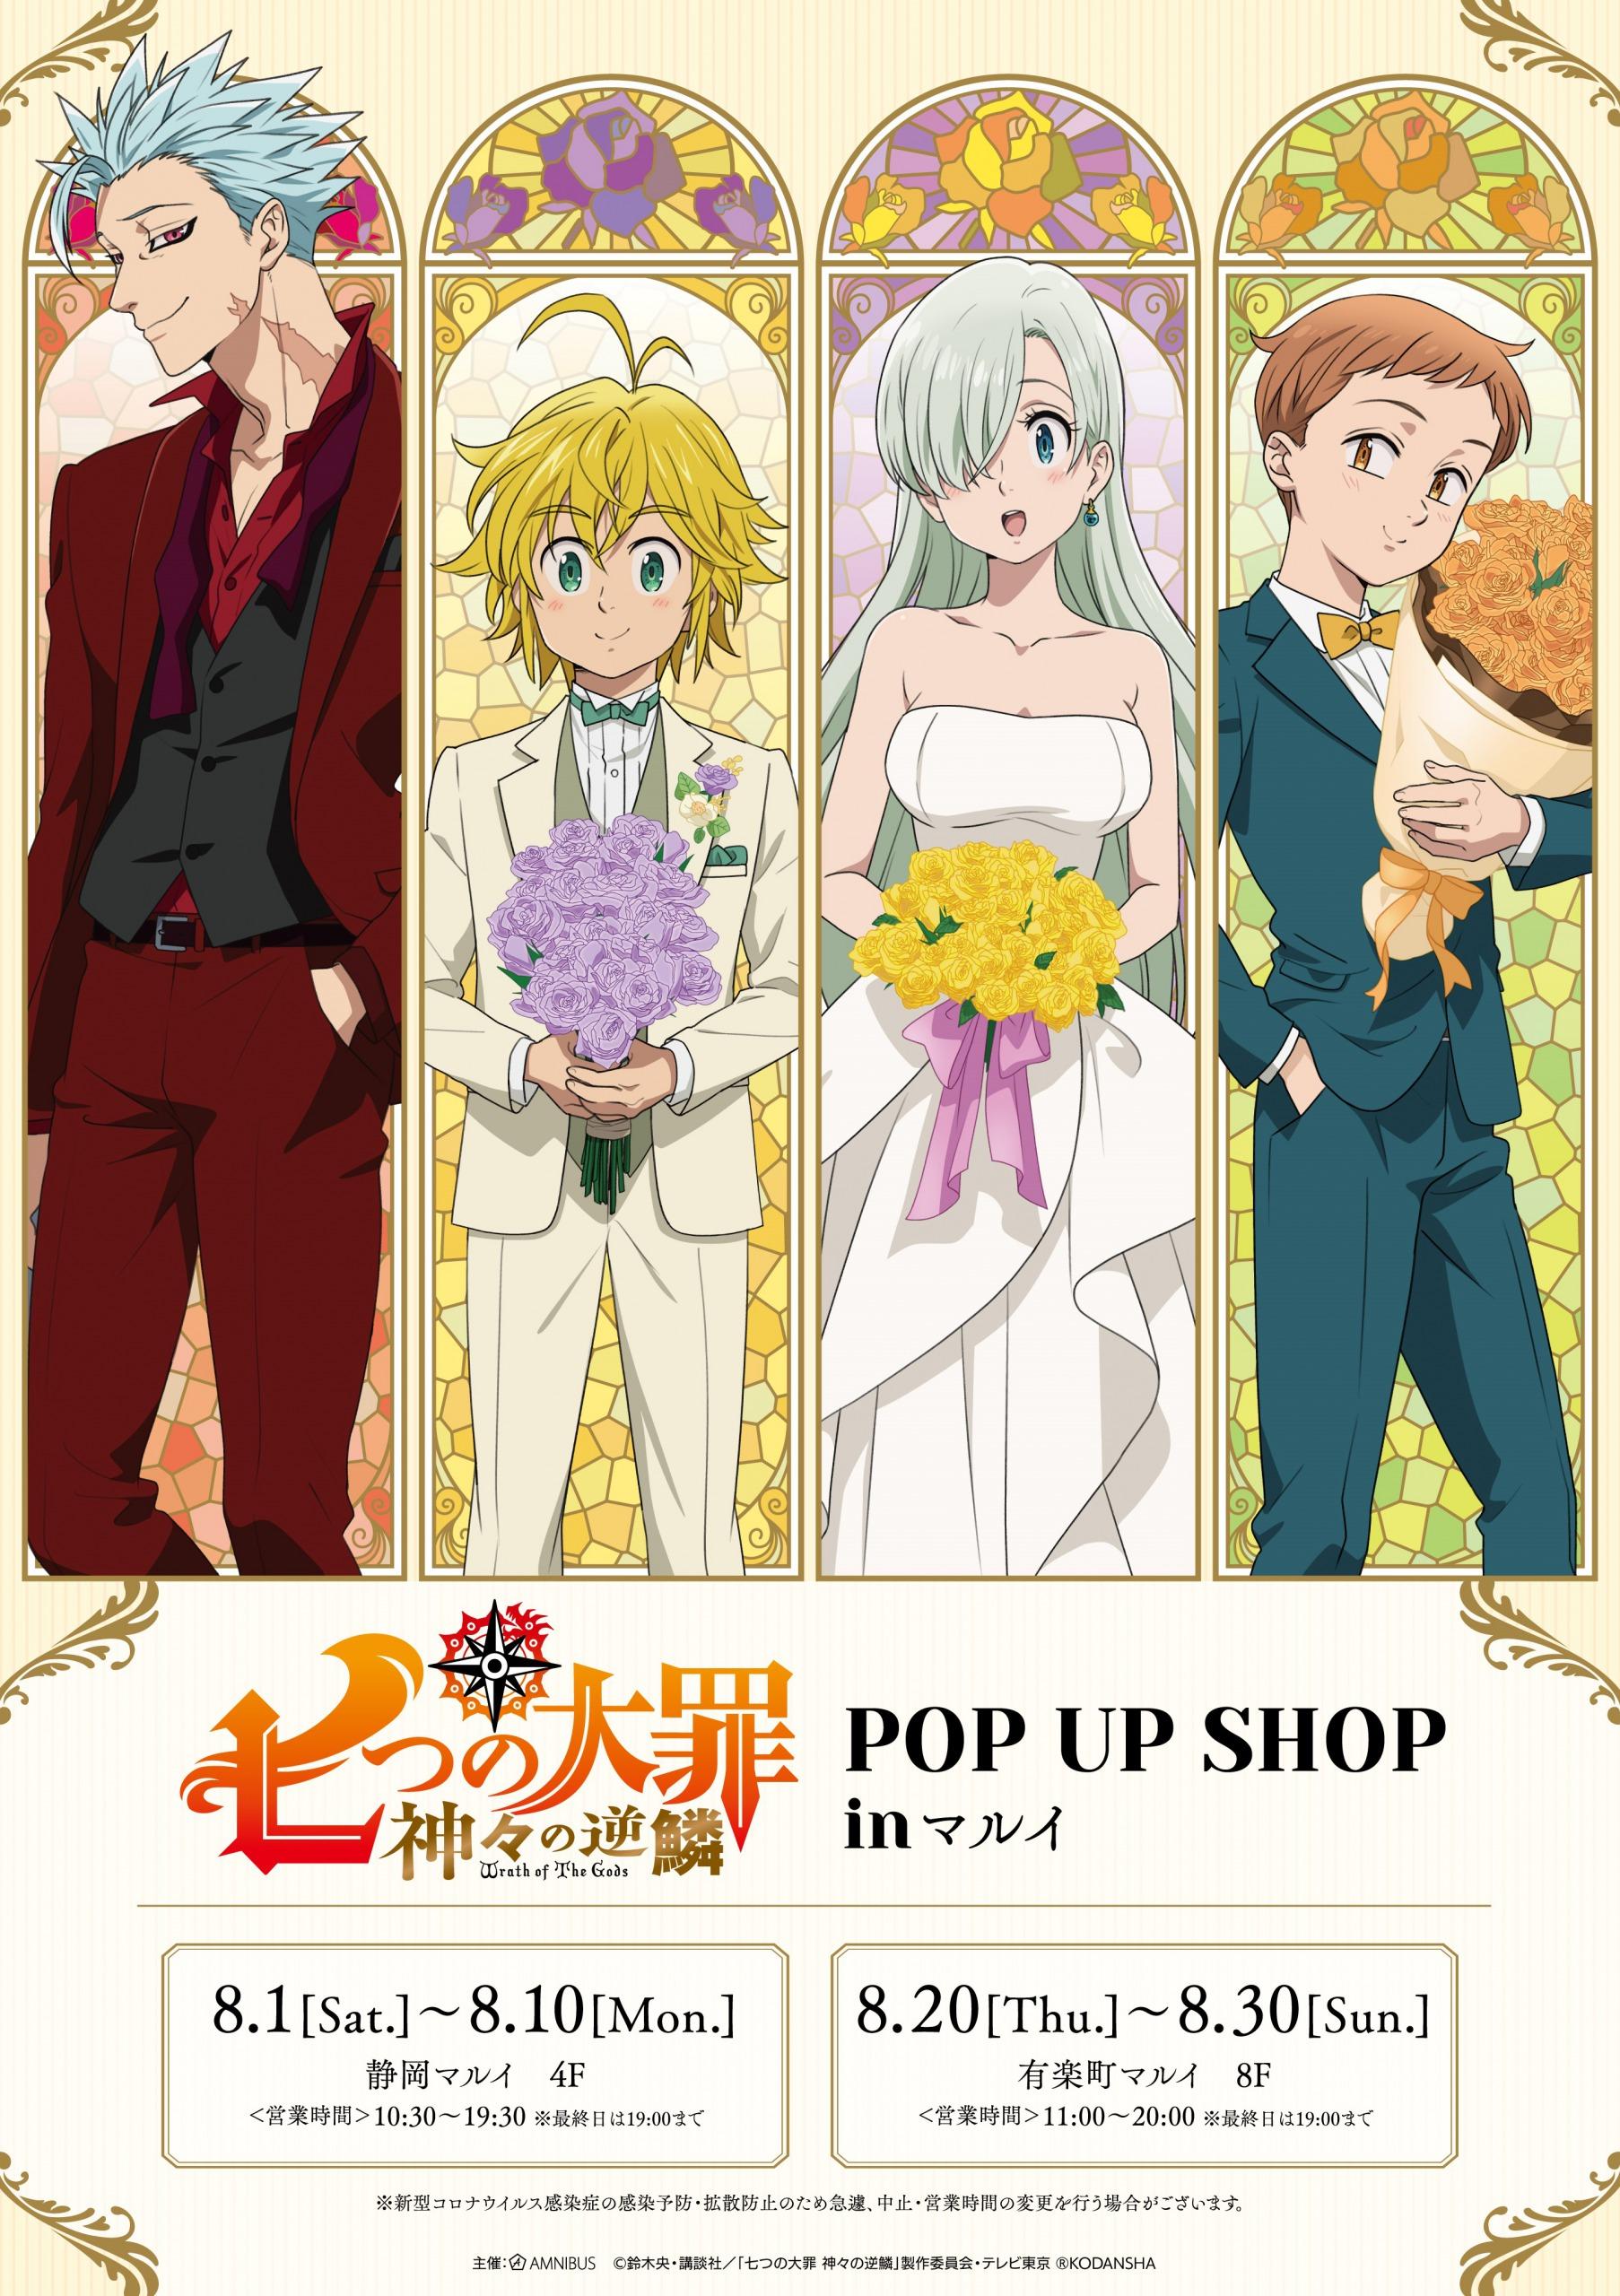 『七つの大罪』POP UP SHOP開催決定!ブライダル風衣裳を着たメリオダス・バンたちの描き下ろしイラスト公開